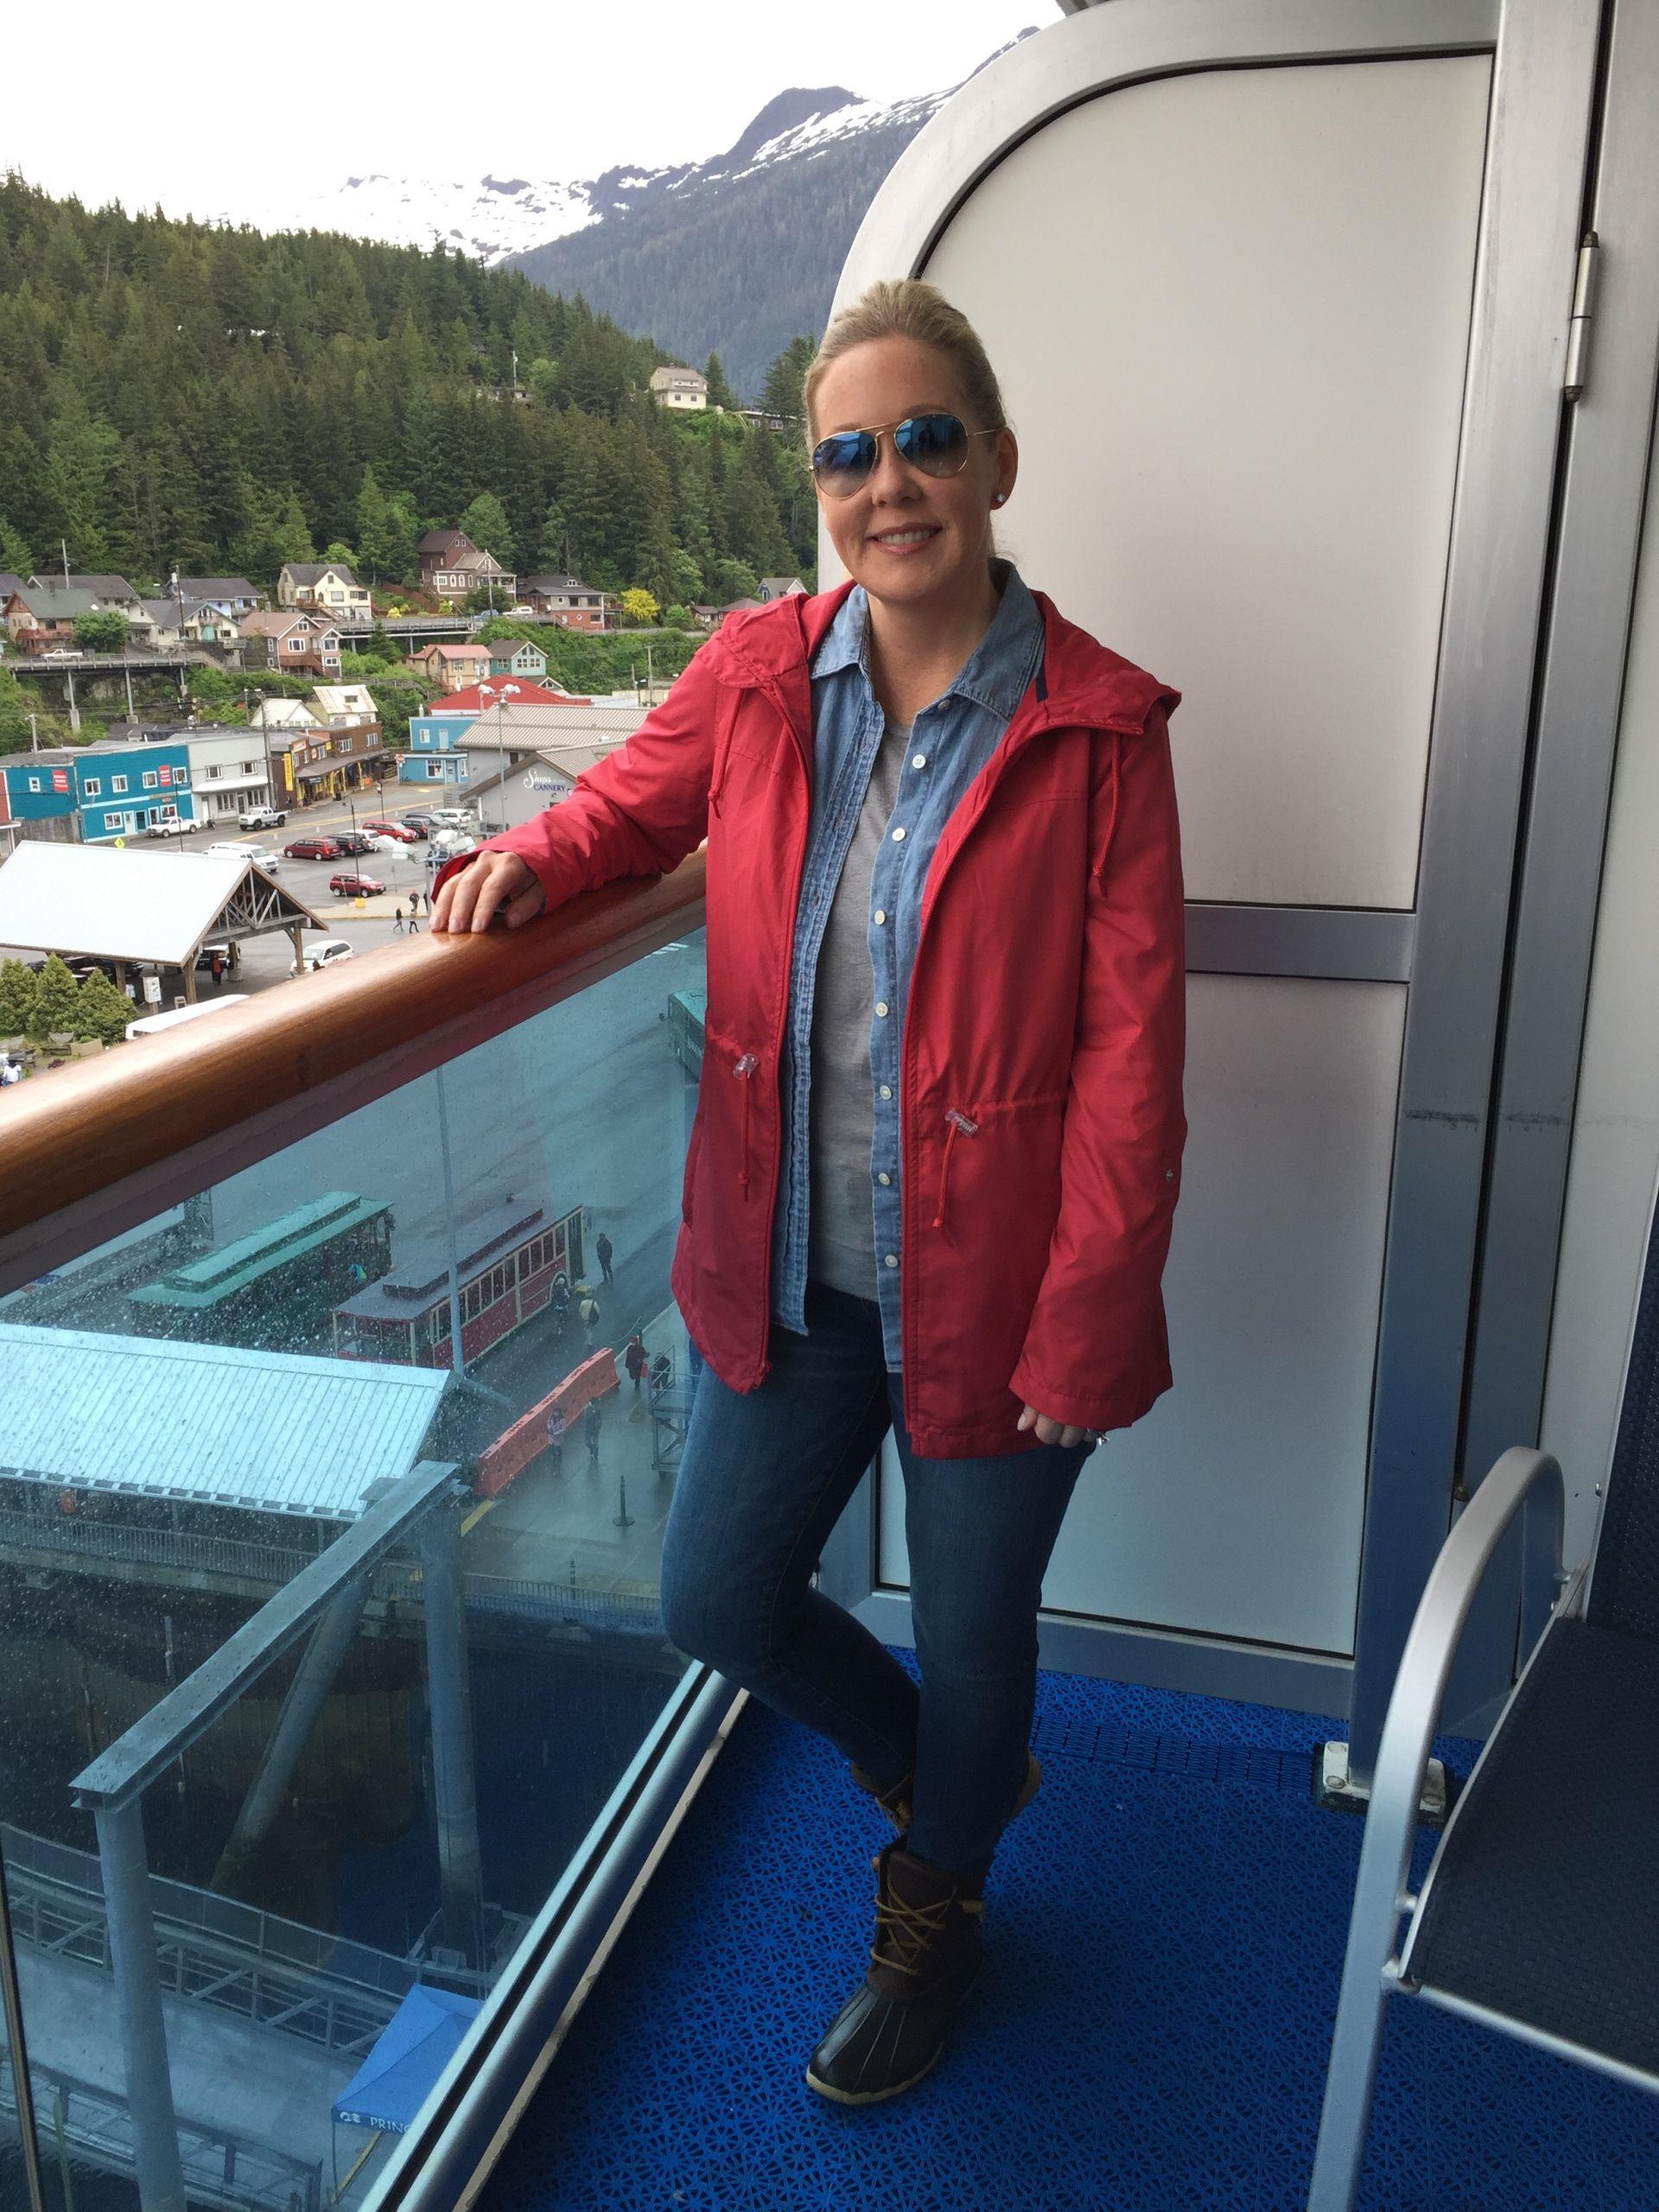 Alaska Cruise wear misscrystalblog